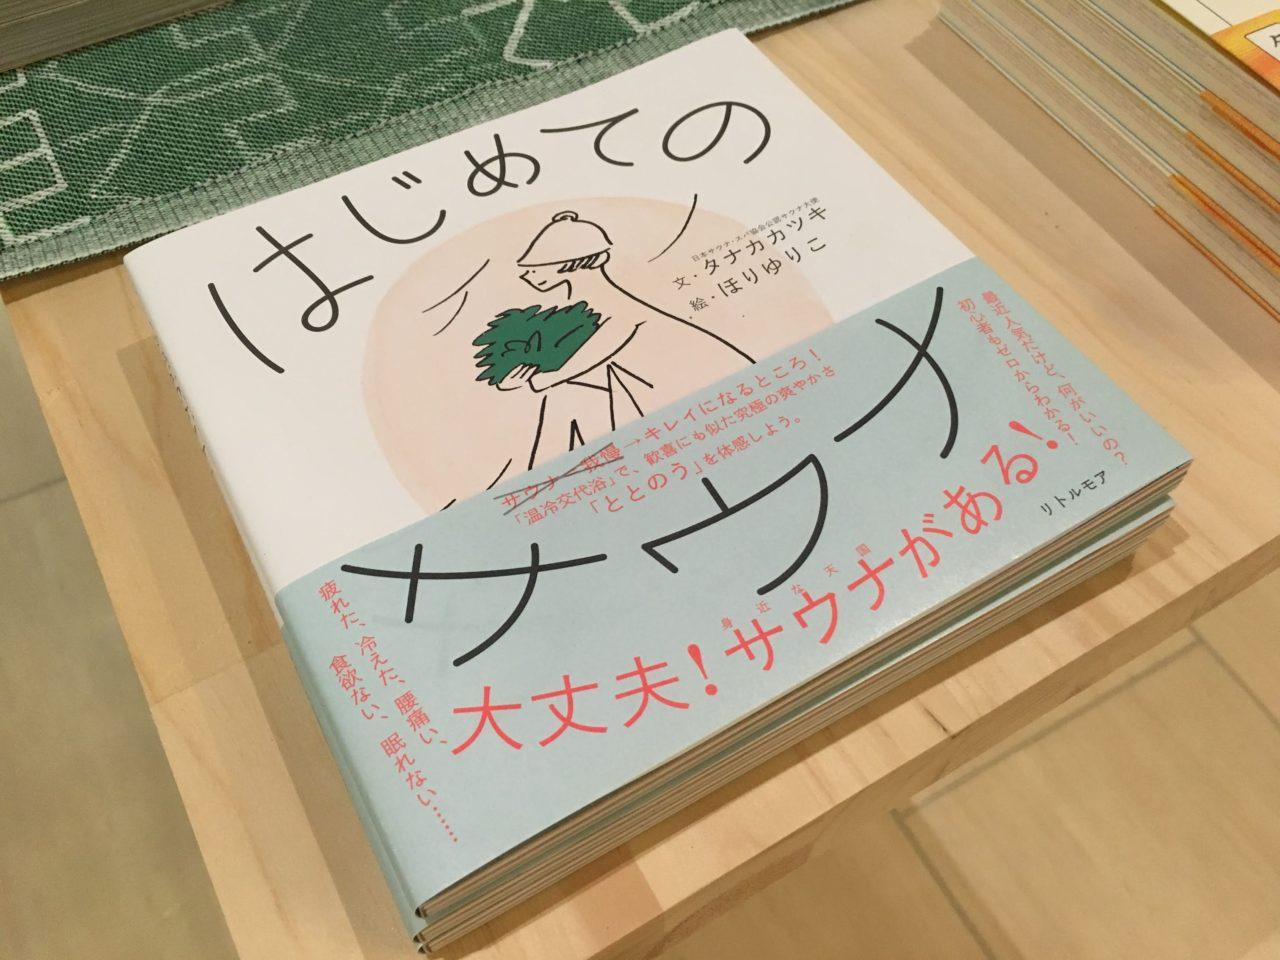 """""""Sauna Lab""""にはサウナに興味を持つことが出来るような書籍も置かれています。 今年発売された""""はじめてのサウナ""""は、女性も手に取りやすいサウナ絵本です。"""